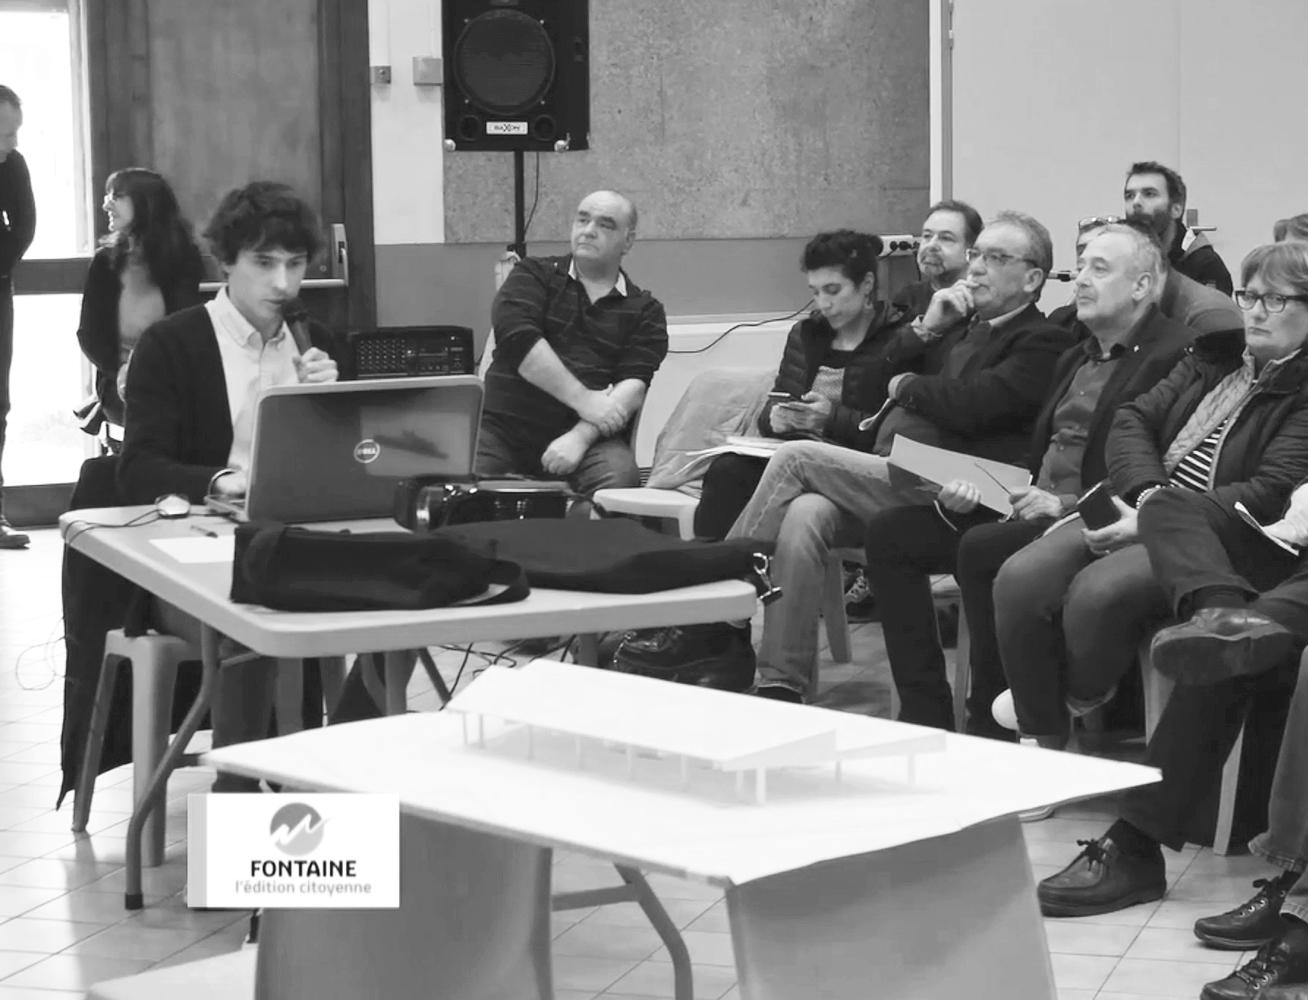 02.04.2019 - Réunion publique d'information sur le projet de Couverture du Marché Cachin à Fontaine